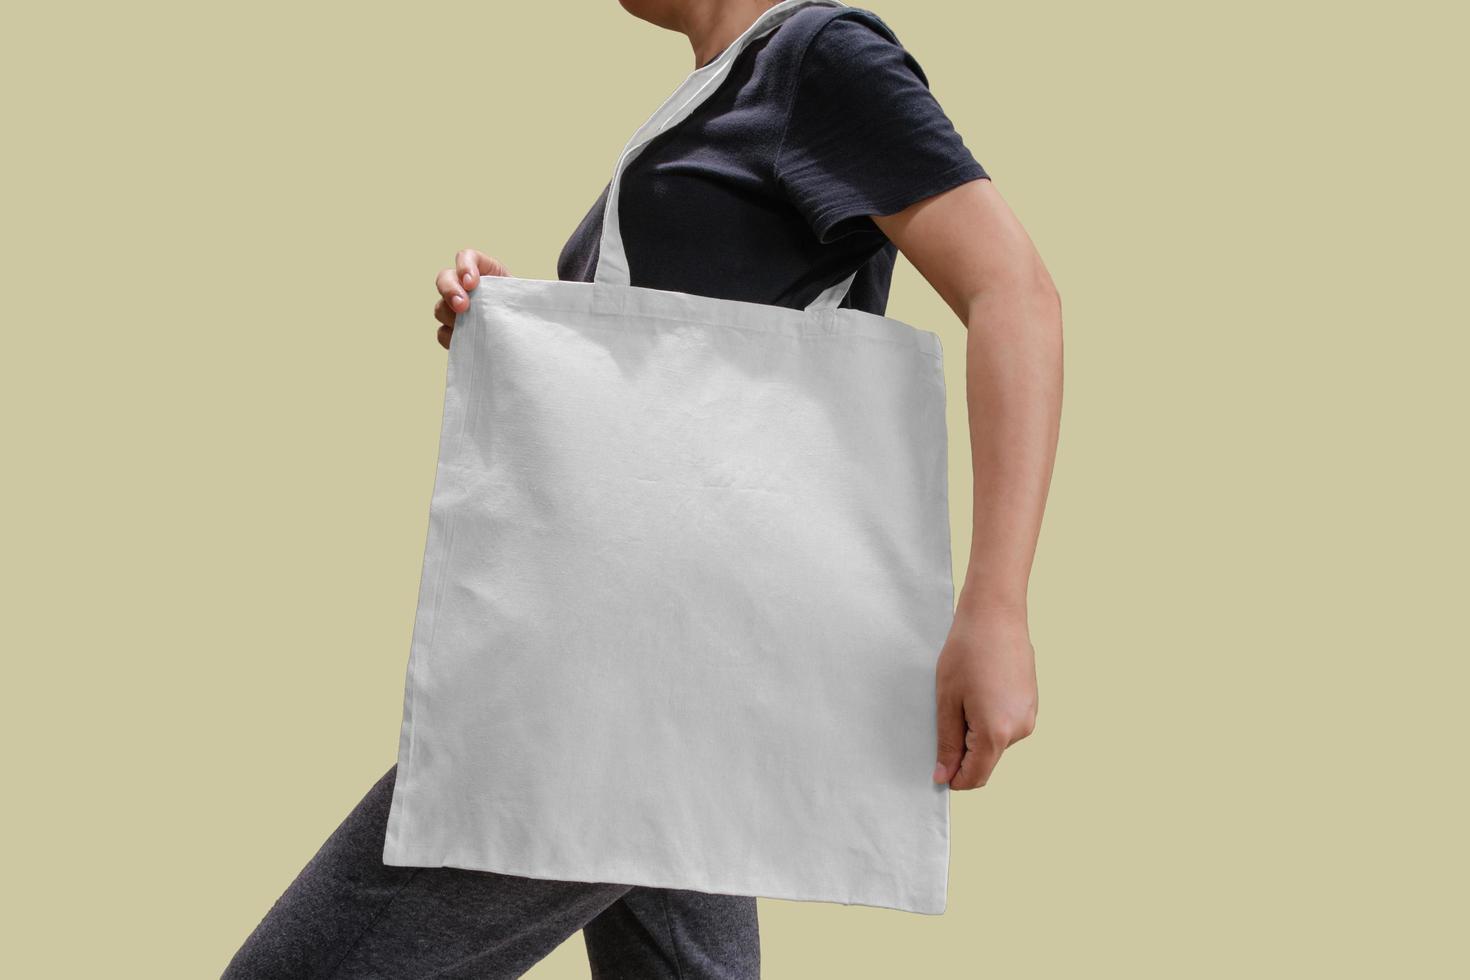 vrouw met stoffen draagtas voor mockup foto